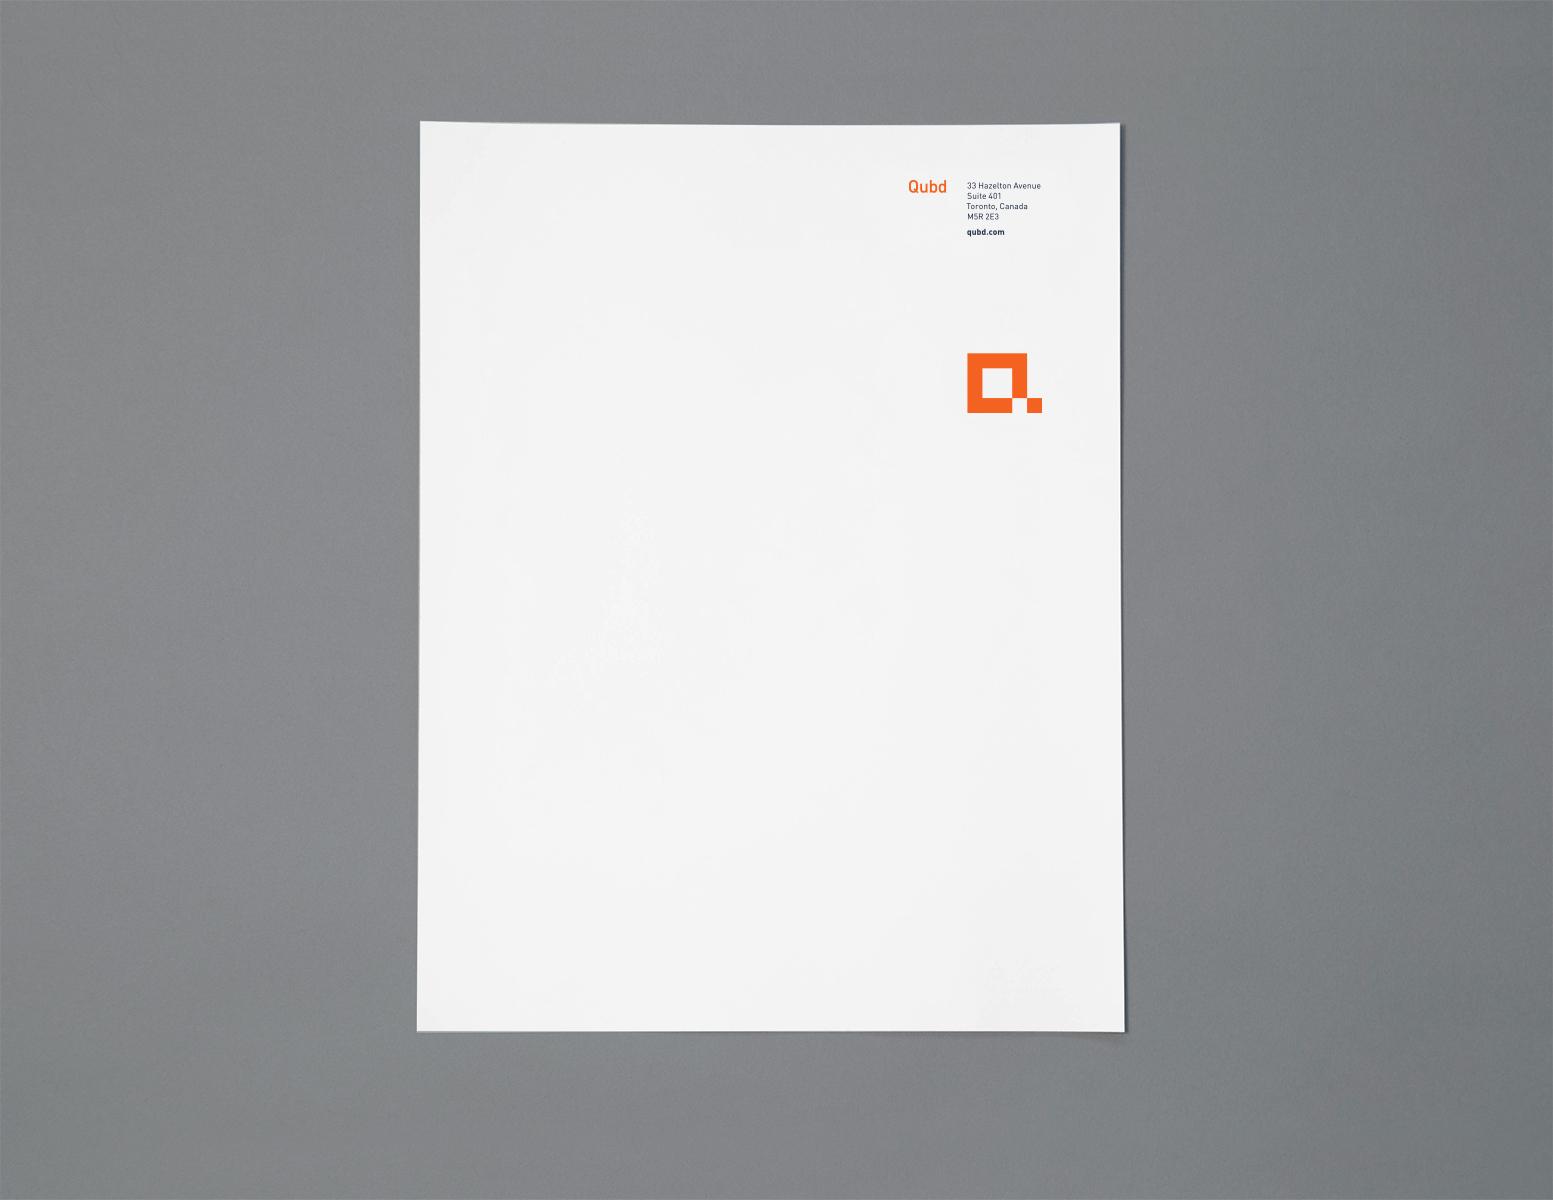 Qubd_05.jpg